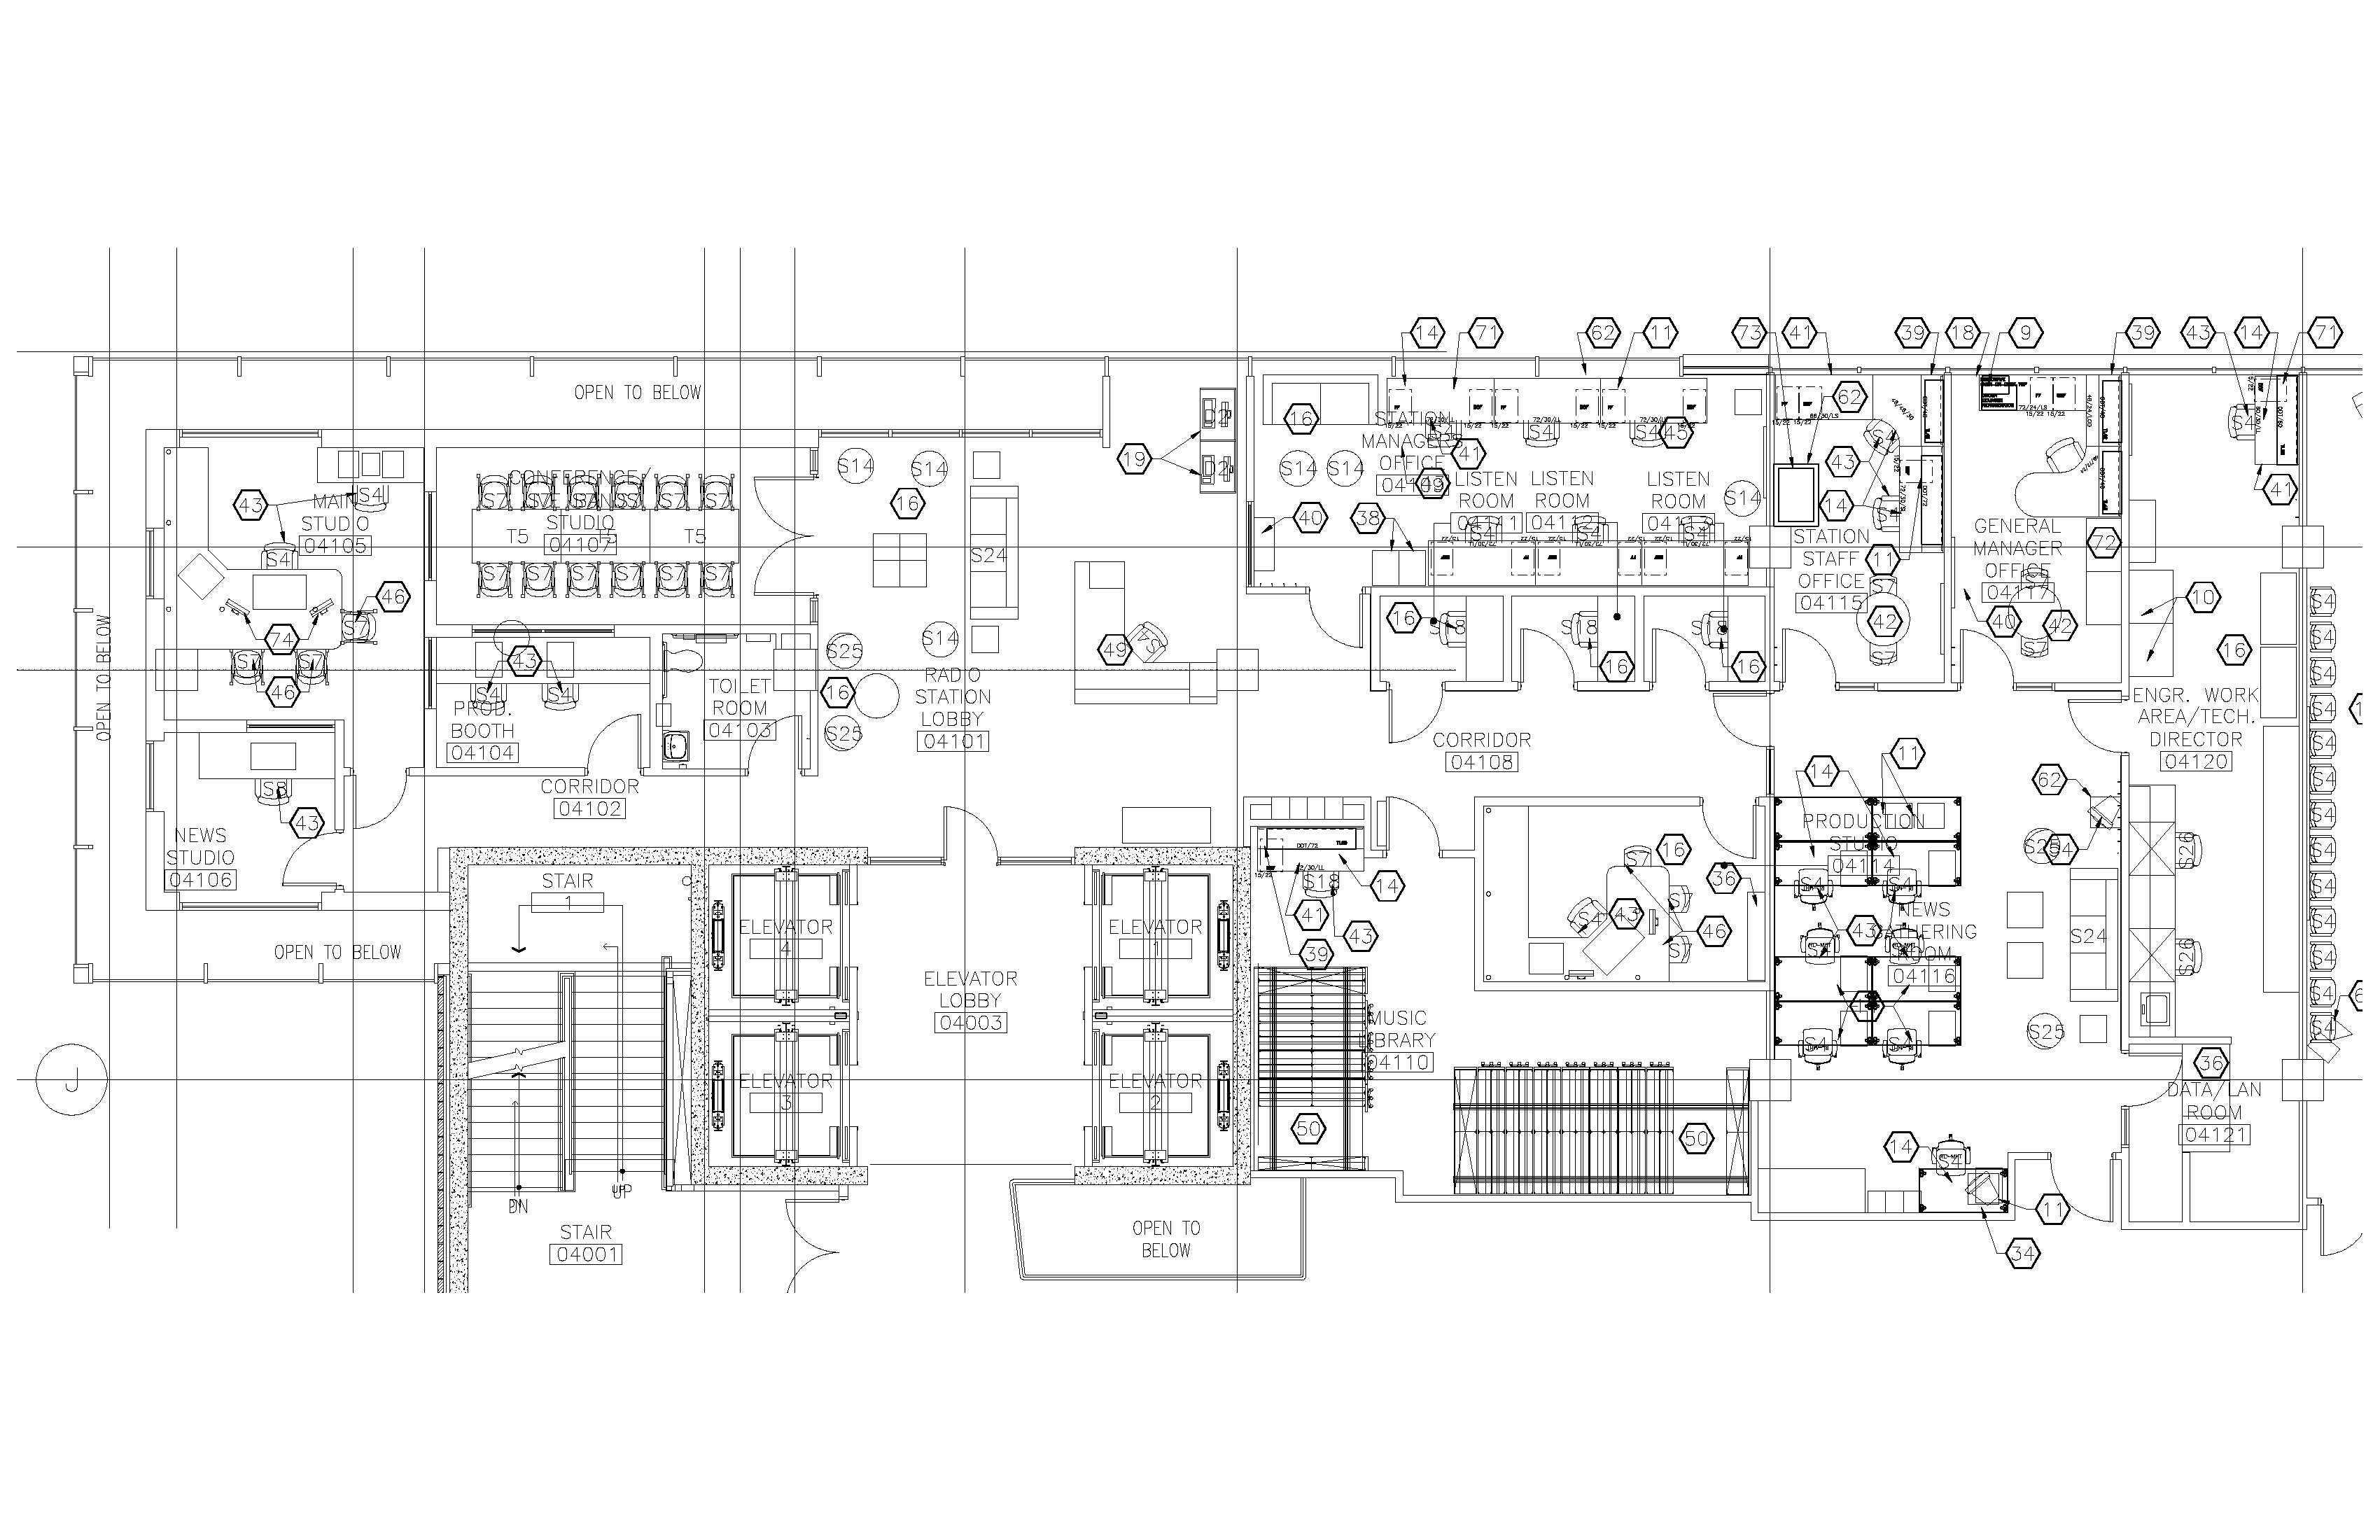 WSUM Floor Plan